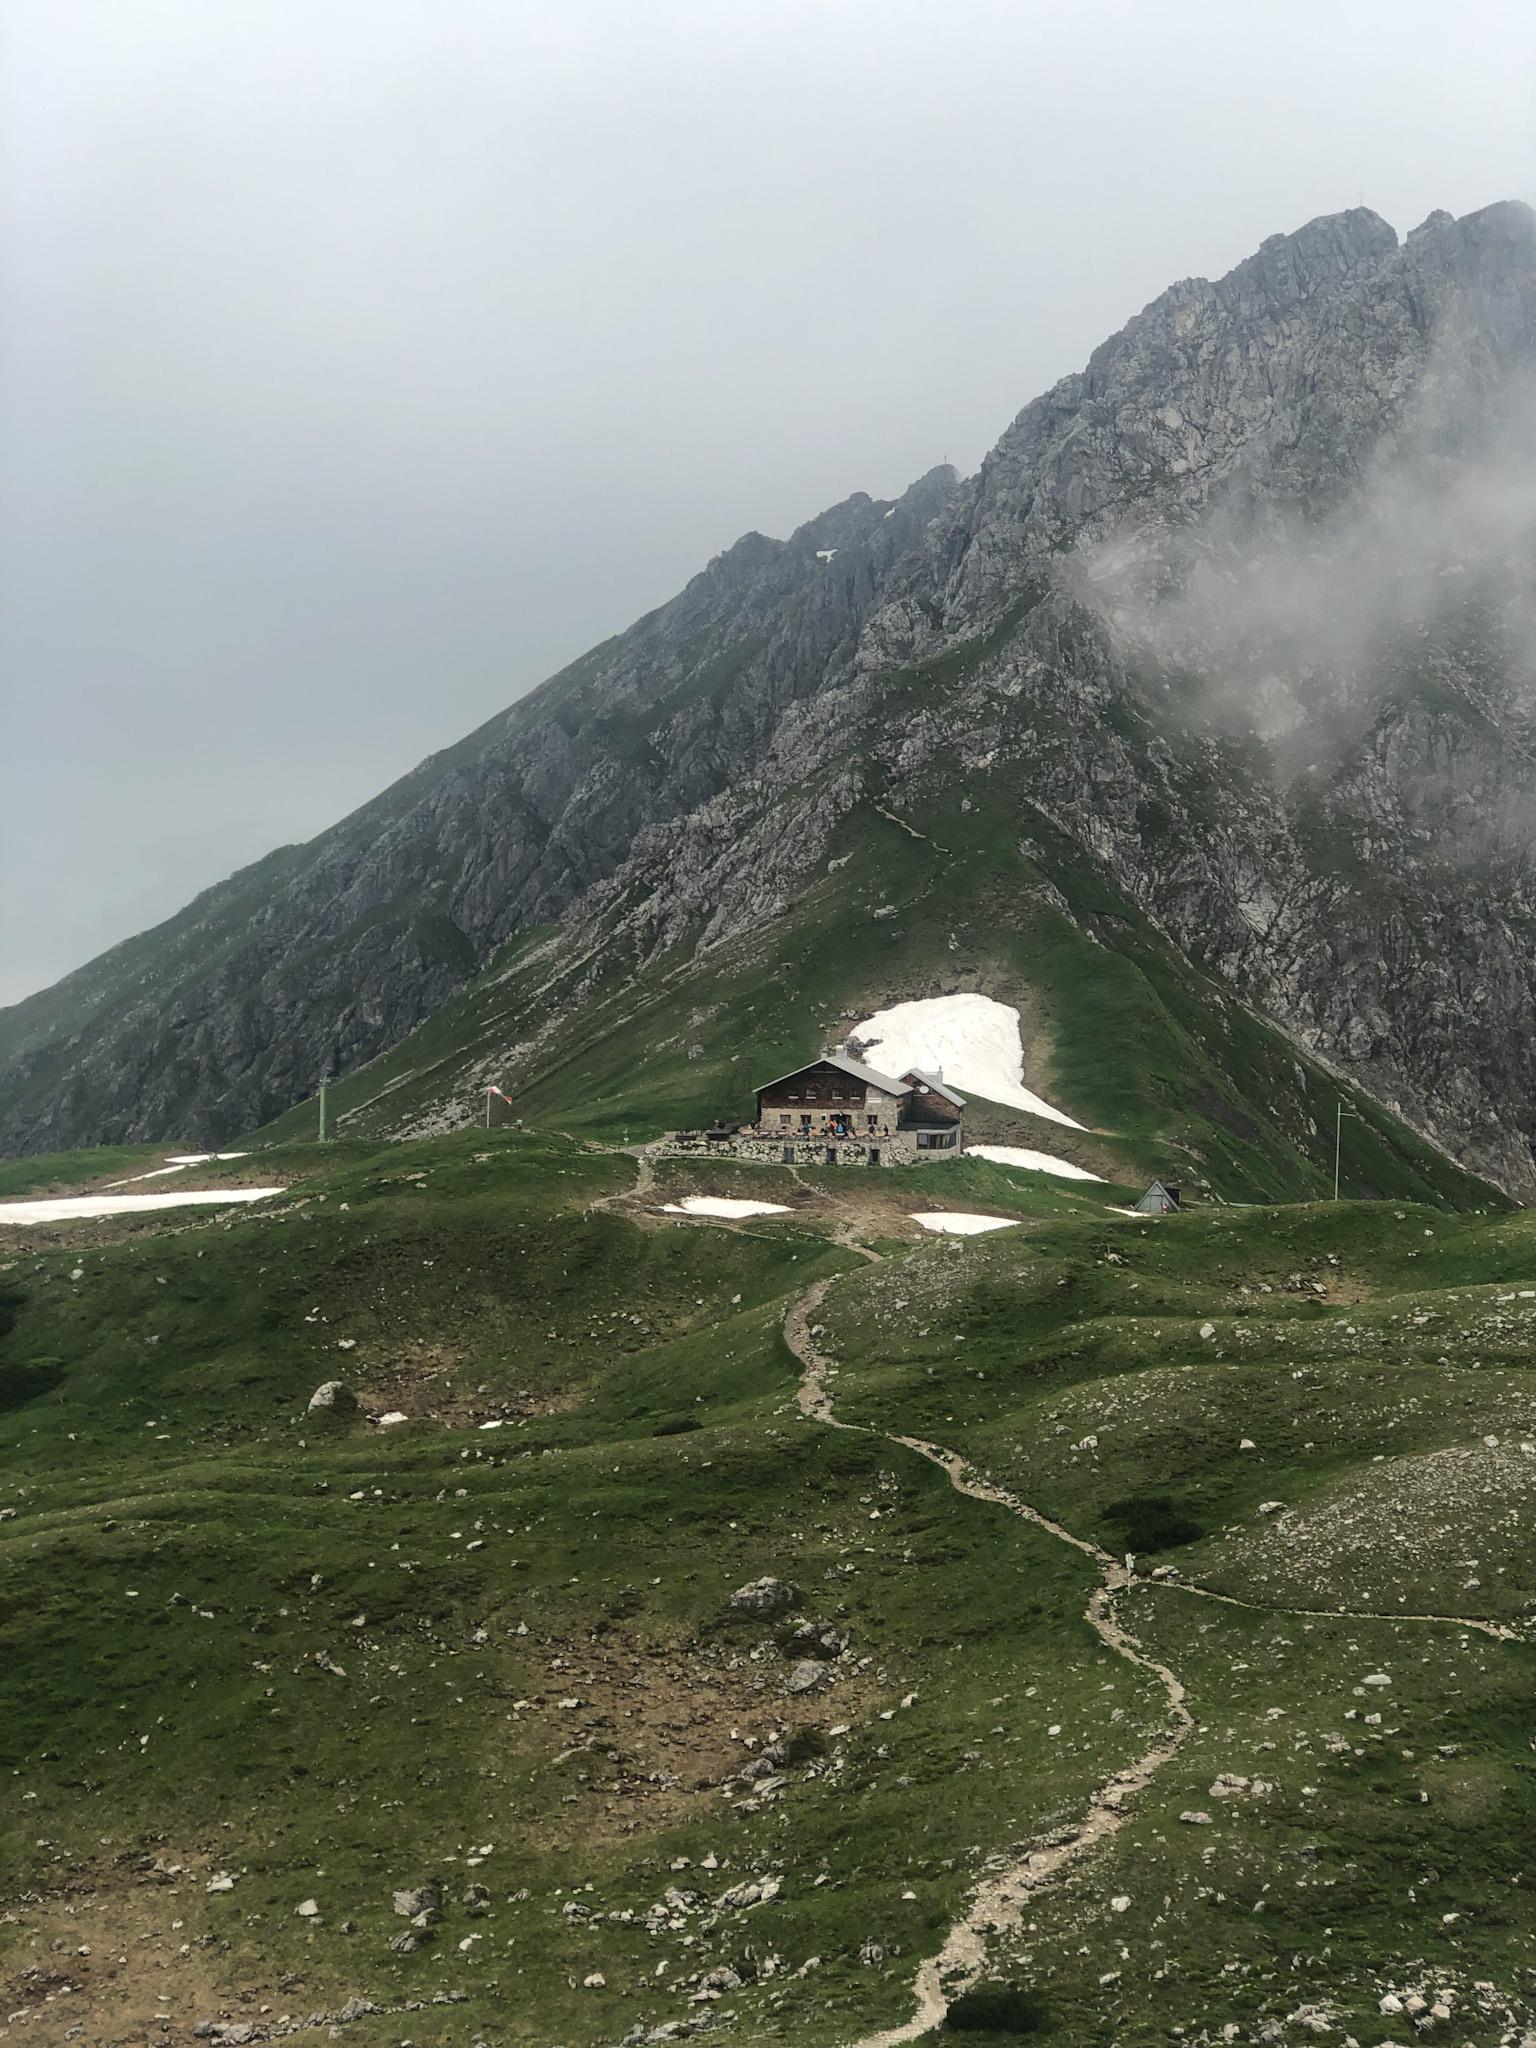 Le refuge du Fiederepass dans les Alpes d'Allgäu